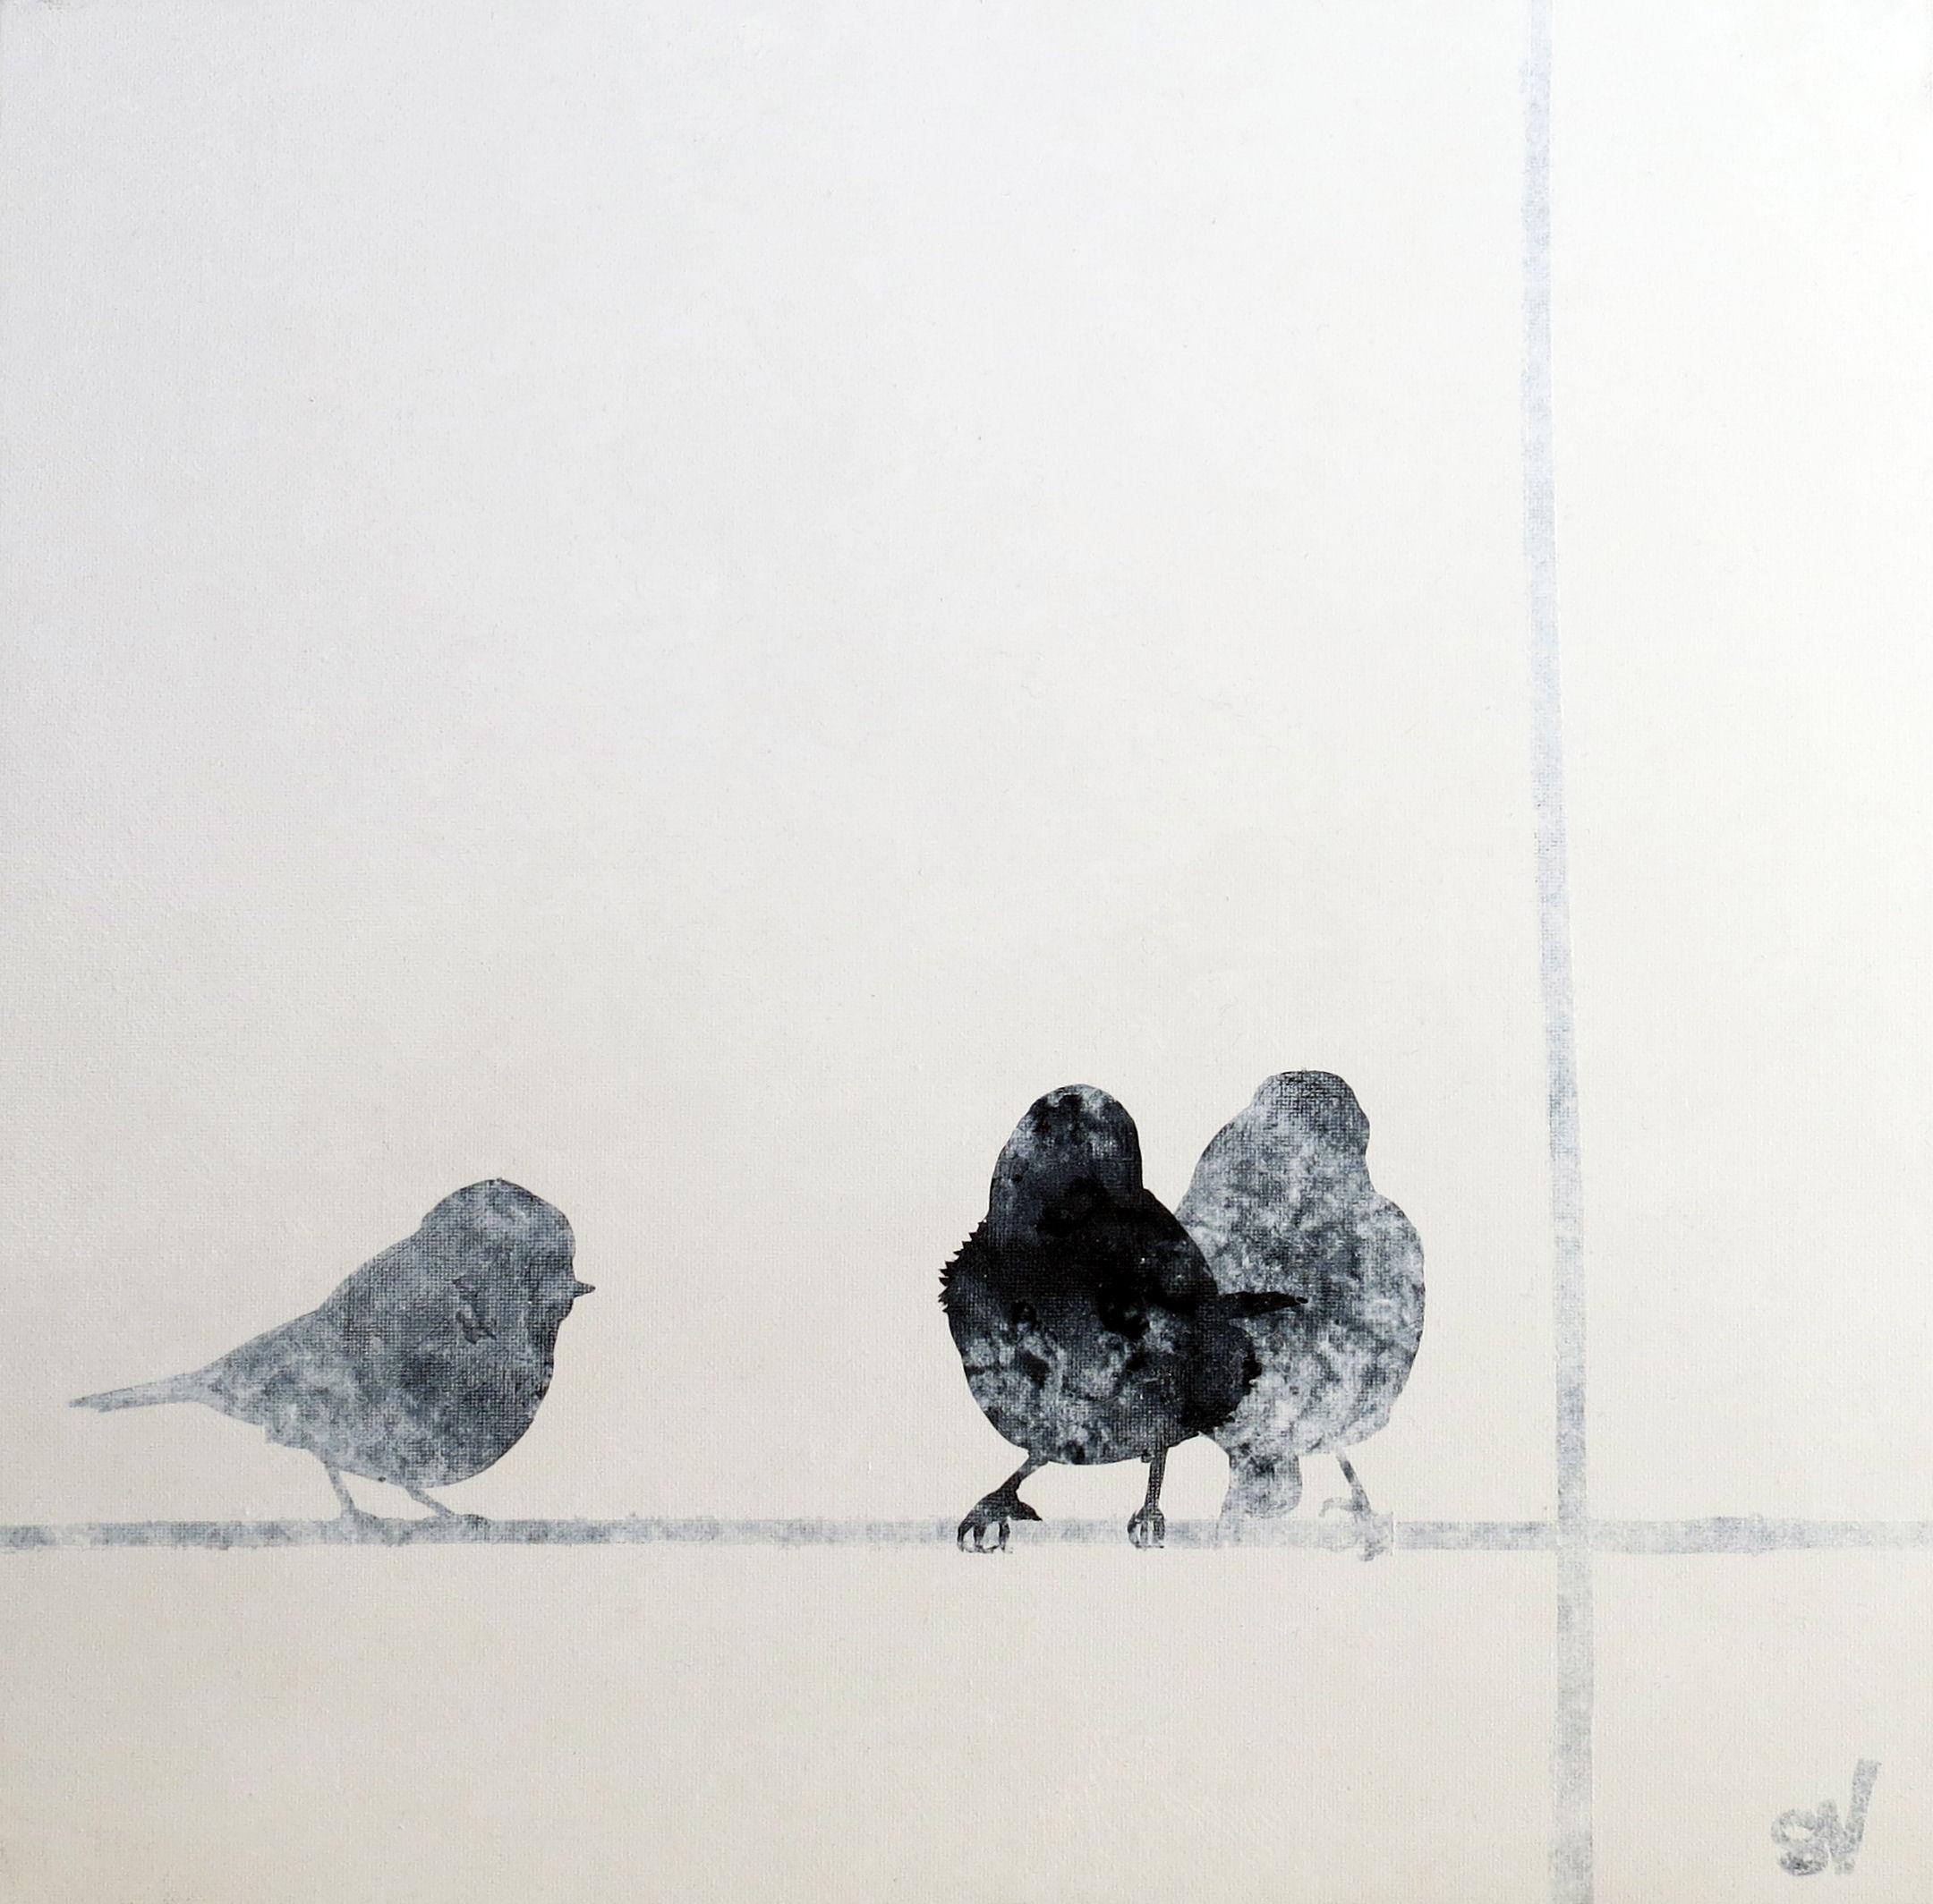 'Bluetit' by artist Sandra Vick